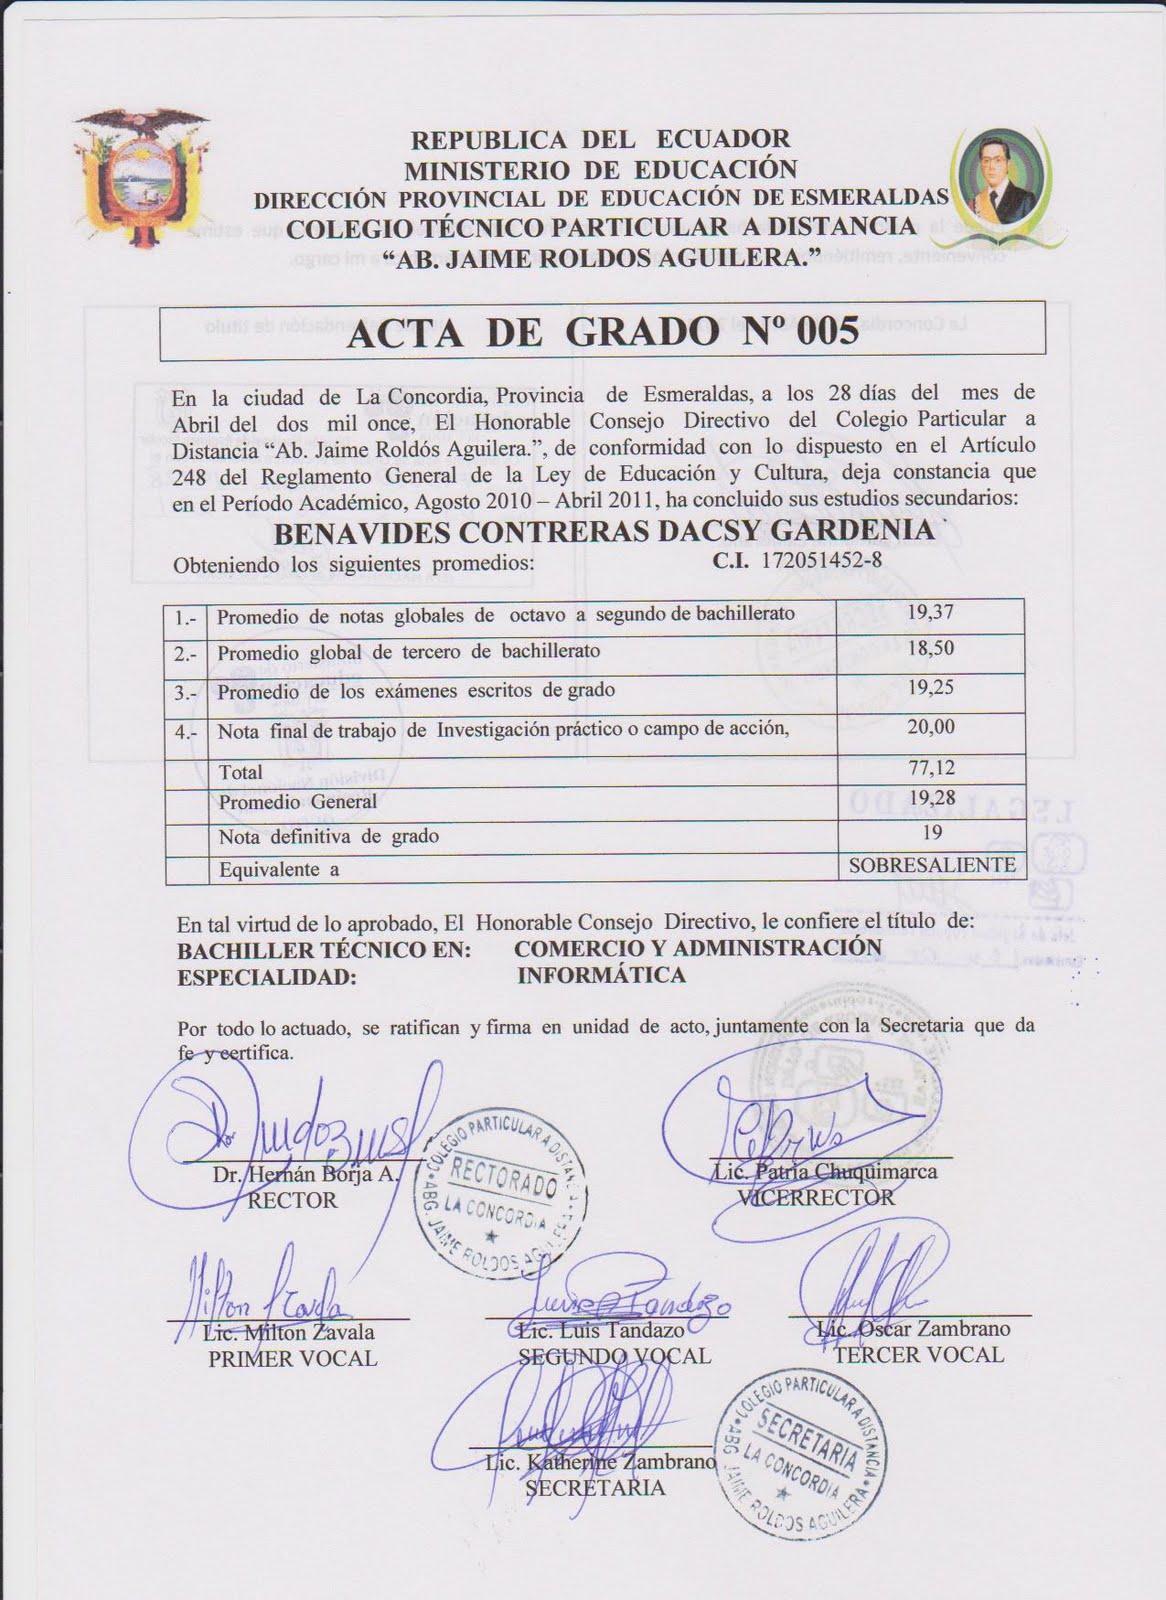 ACTA DE GRADO